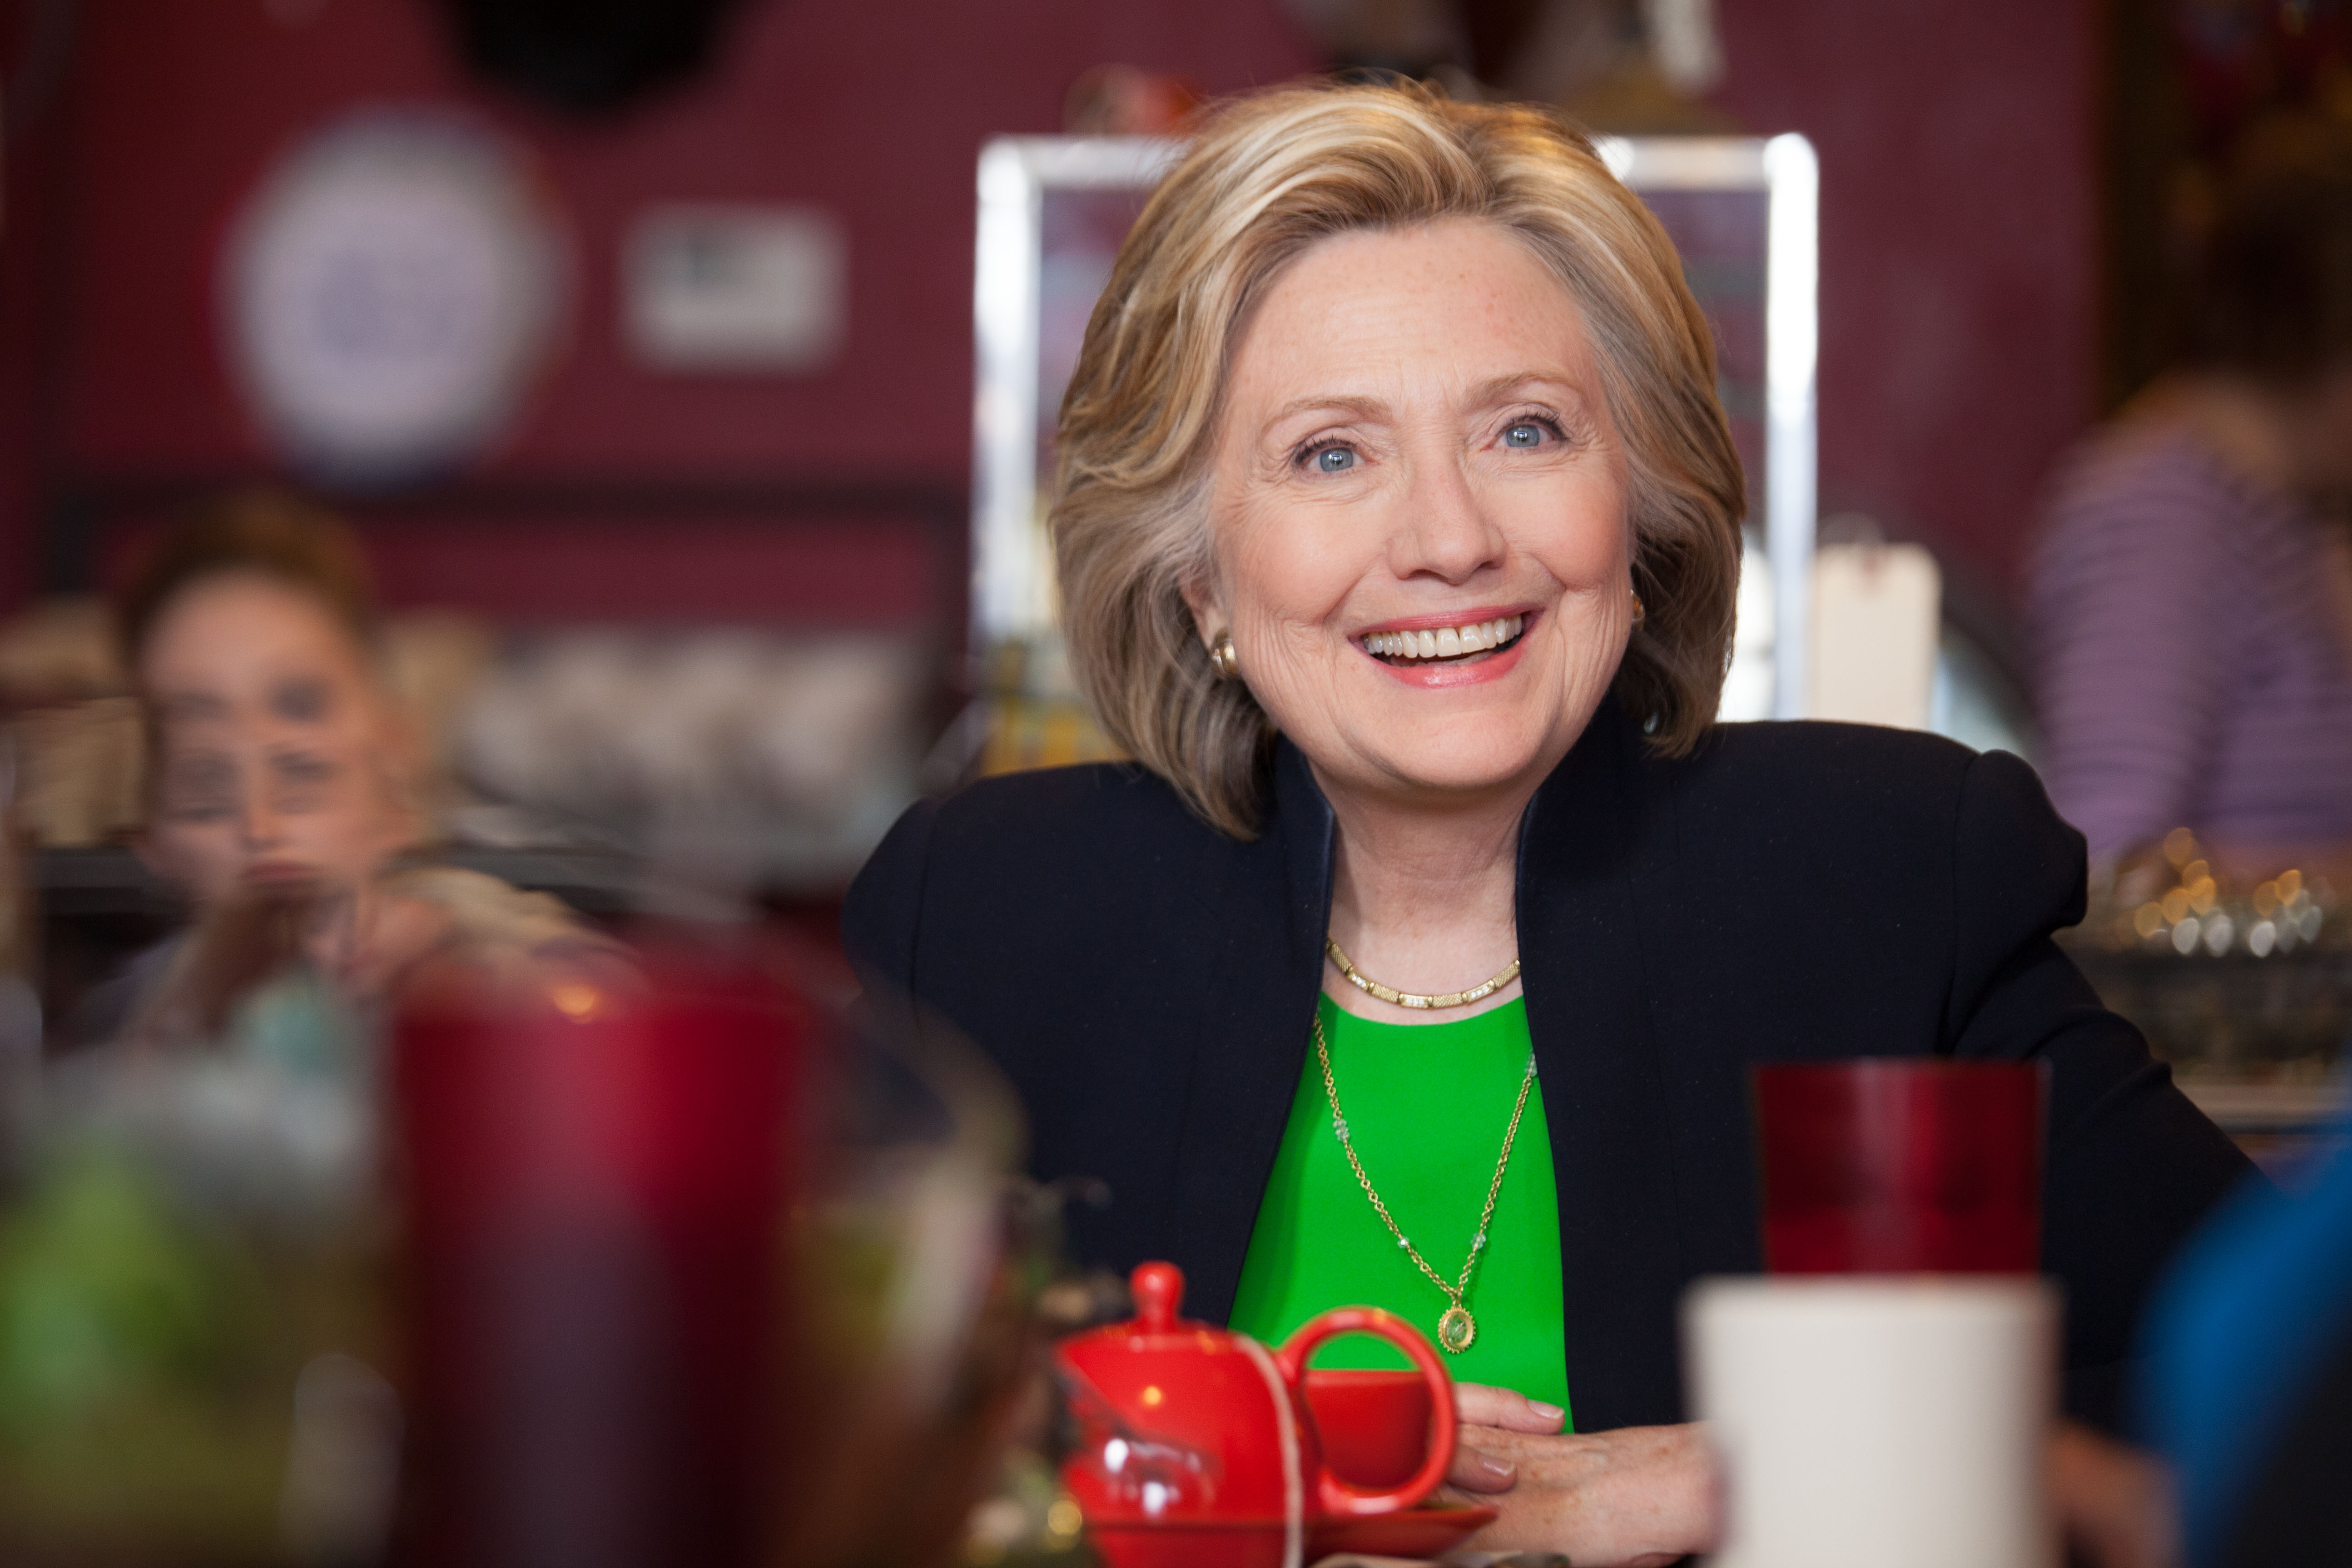 Clinton in 2015